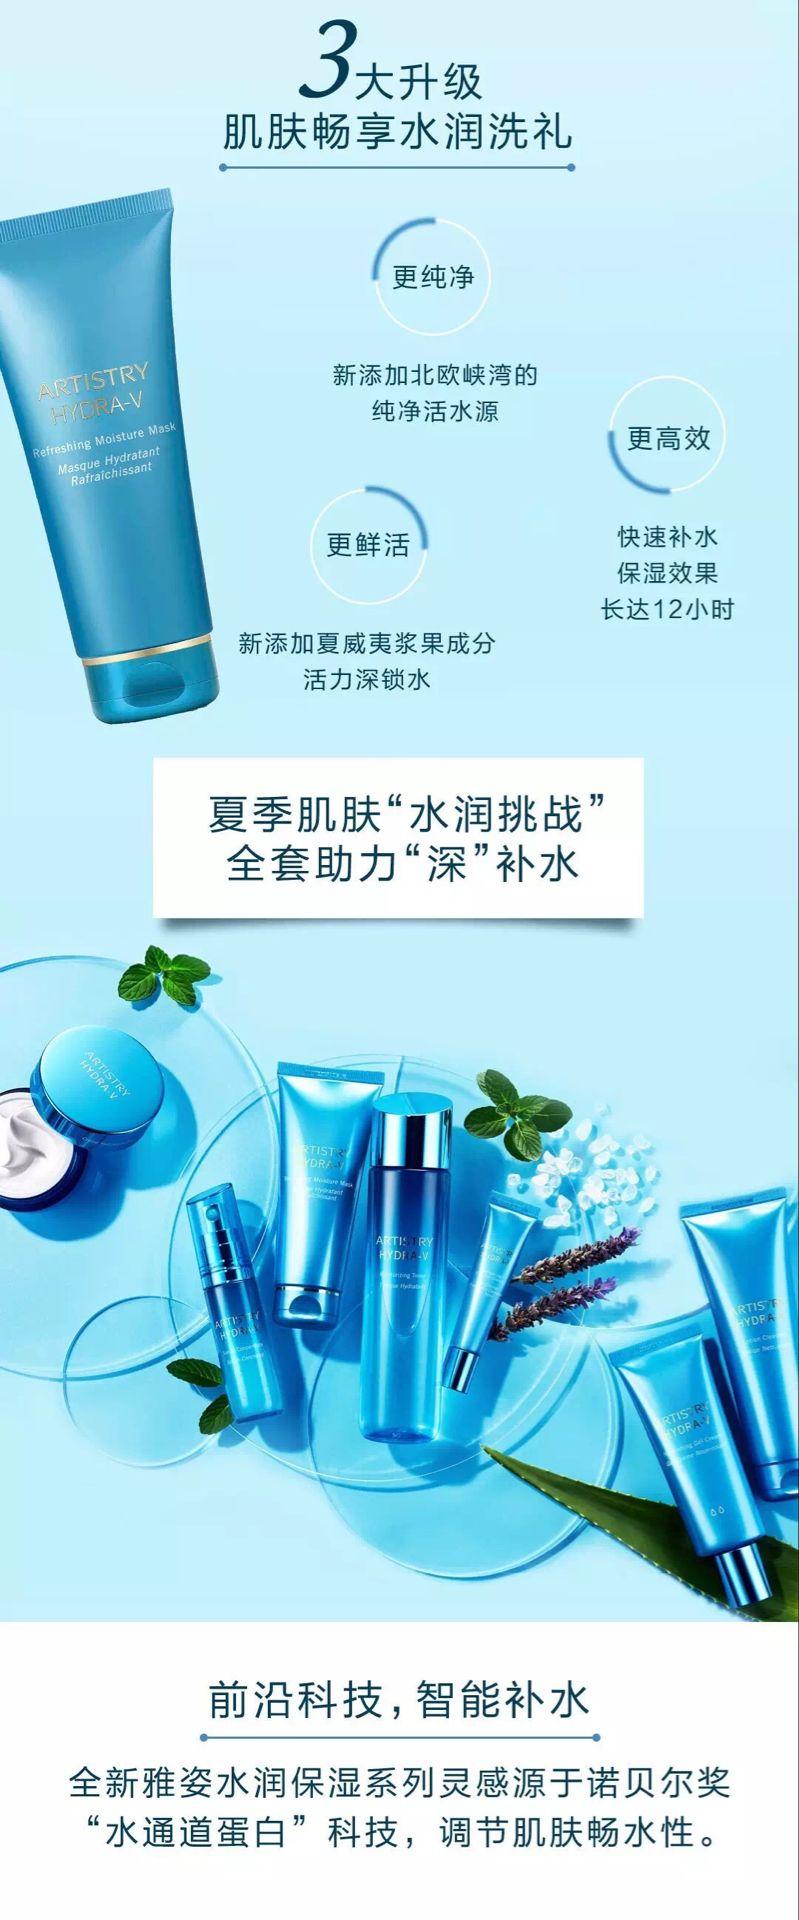 上海市嘉定区安利产品销售 嘉定区安利店位置 安利专业咨询